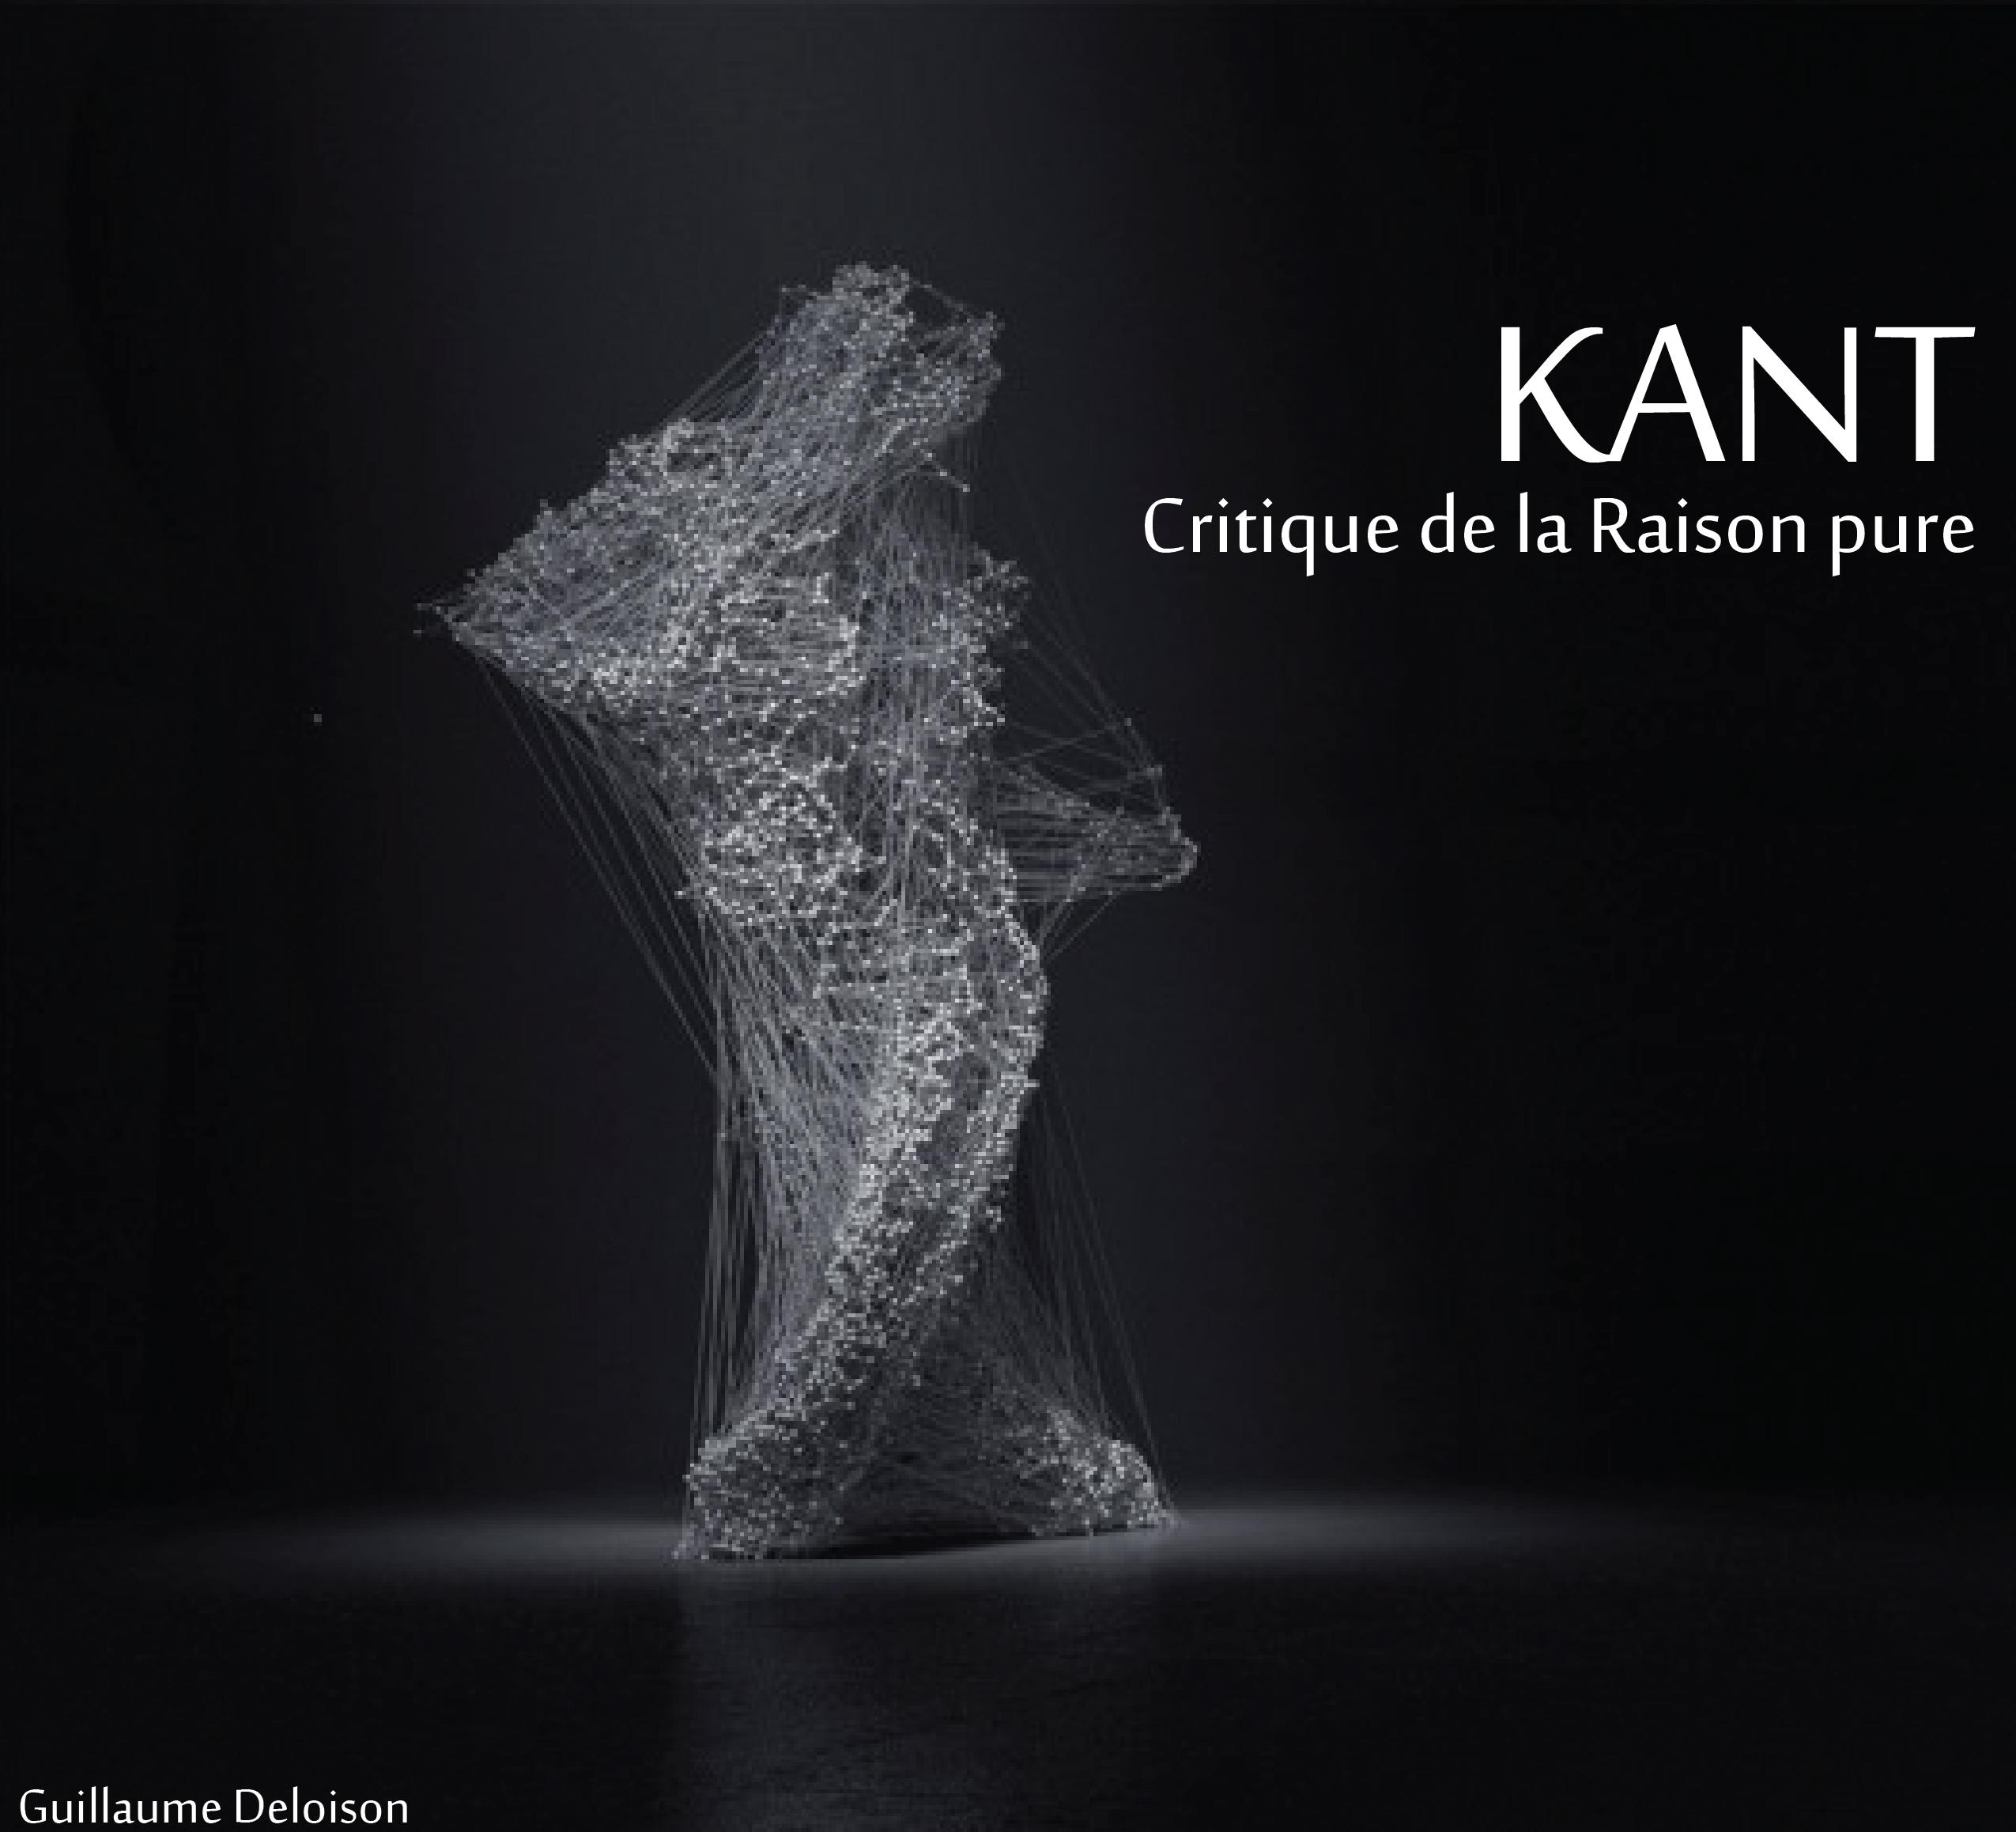 MÉTAPHORES PHILOSOPHIQUE - Kant